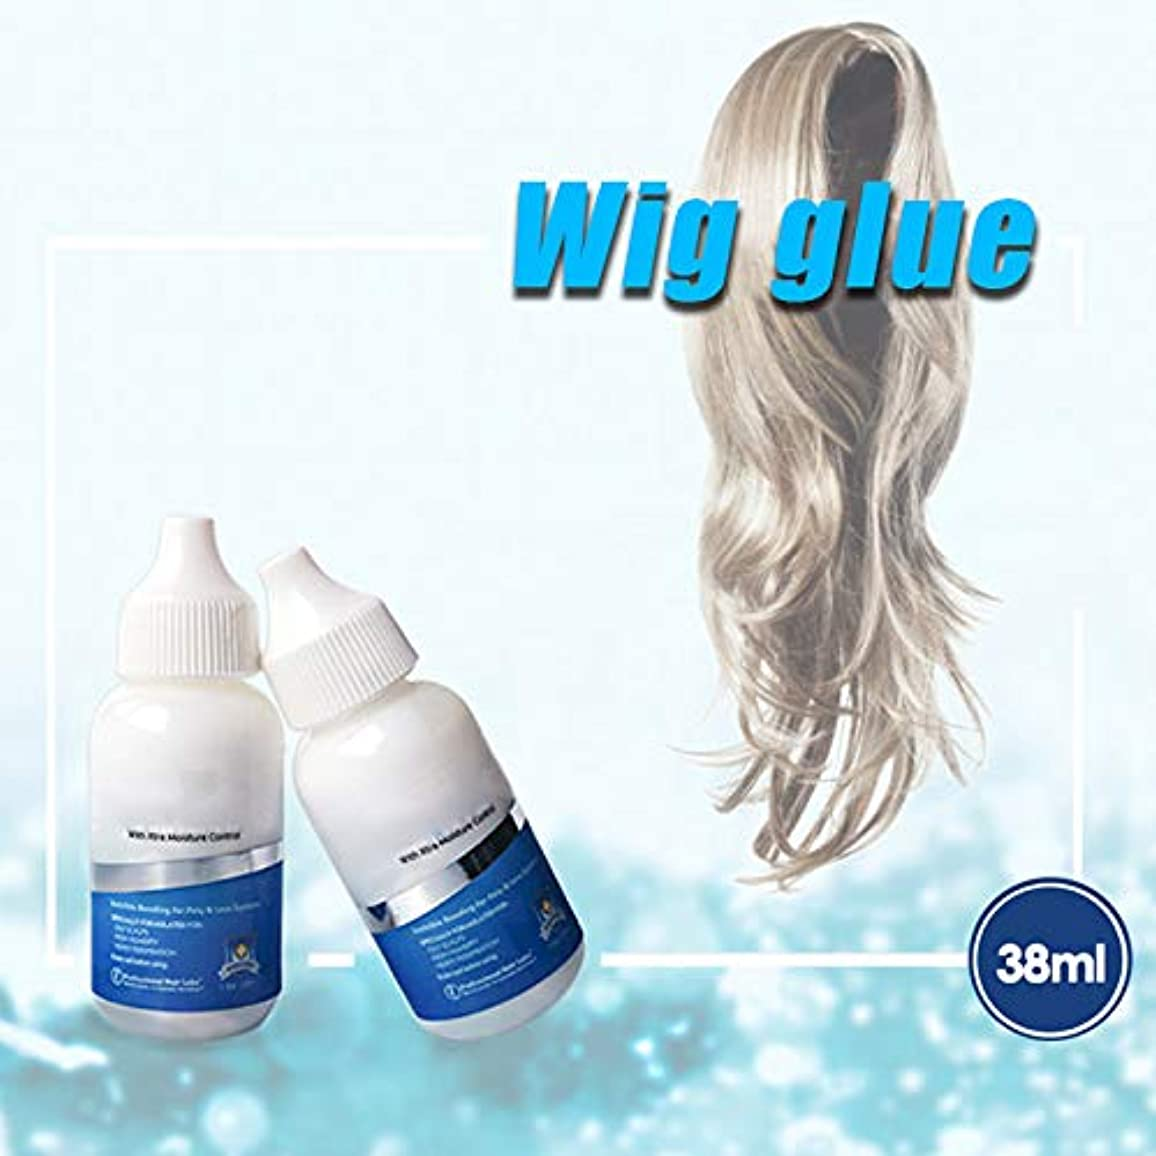 処方する炭水化物難民Beaurtty ポリレースヘアピースウィッグのため 髪の交換用接着剤目に見えない 接着剤接着剤余分な水分の制御